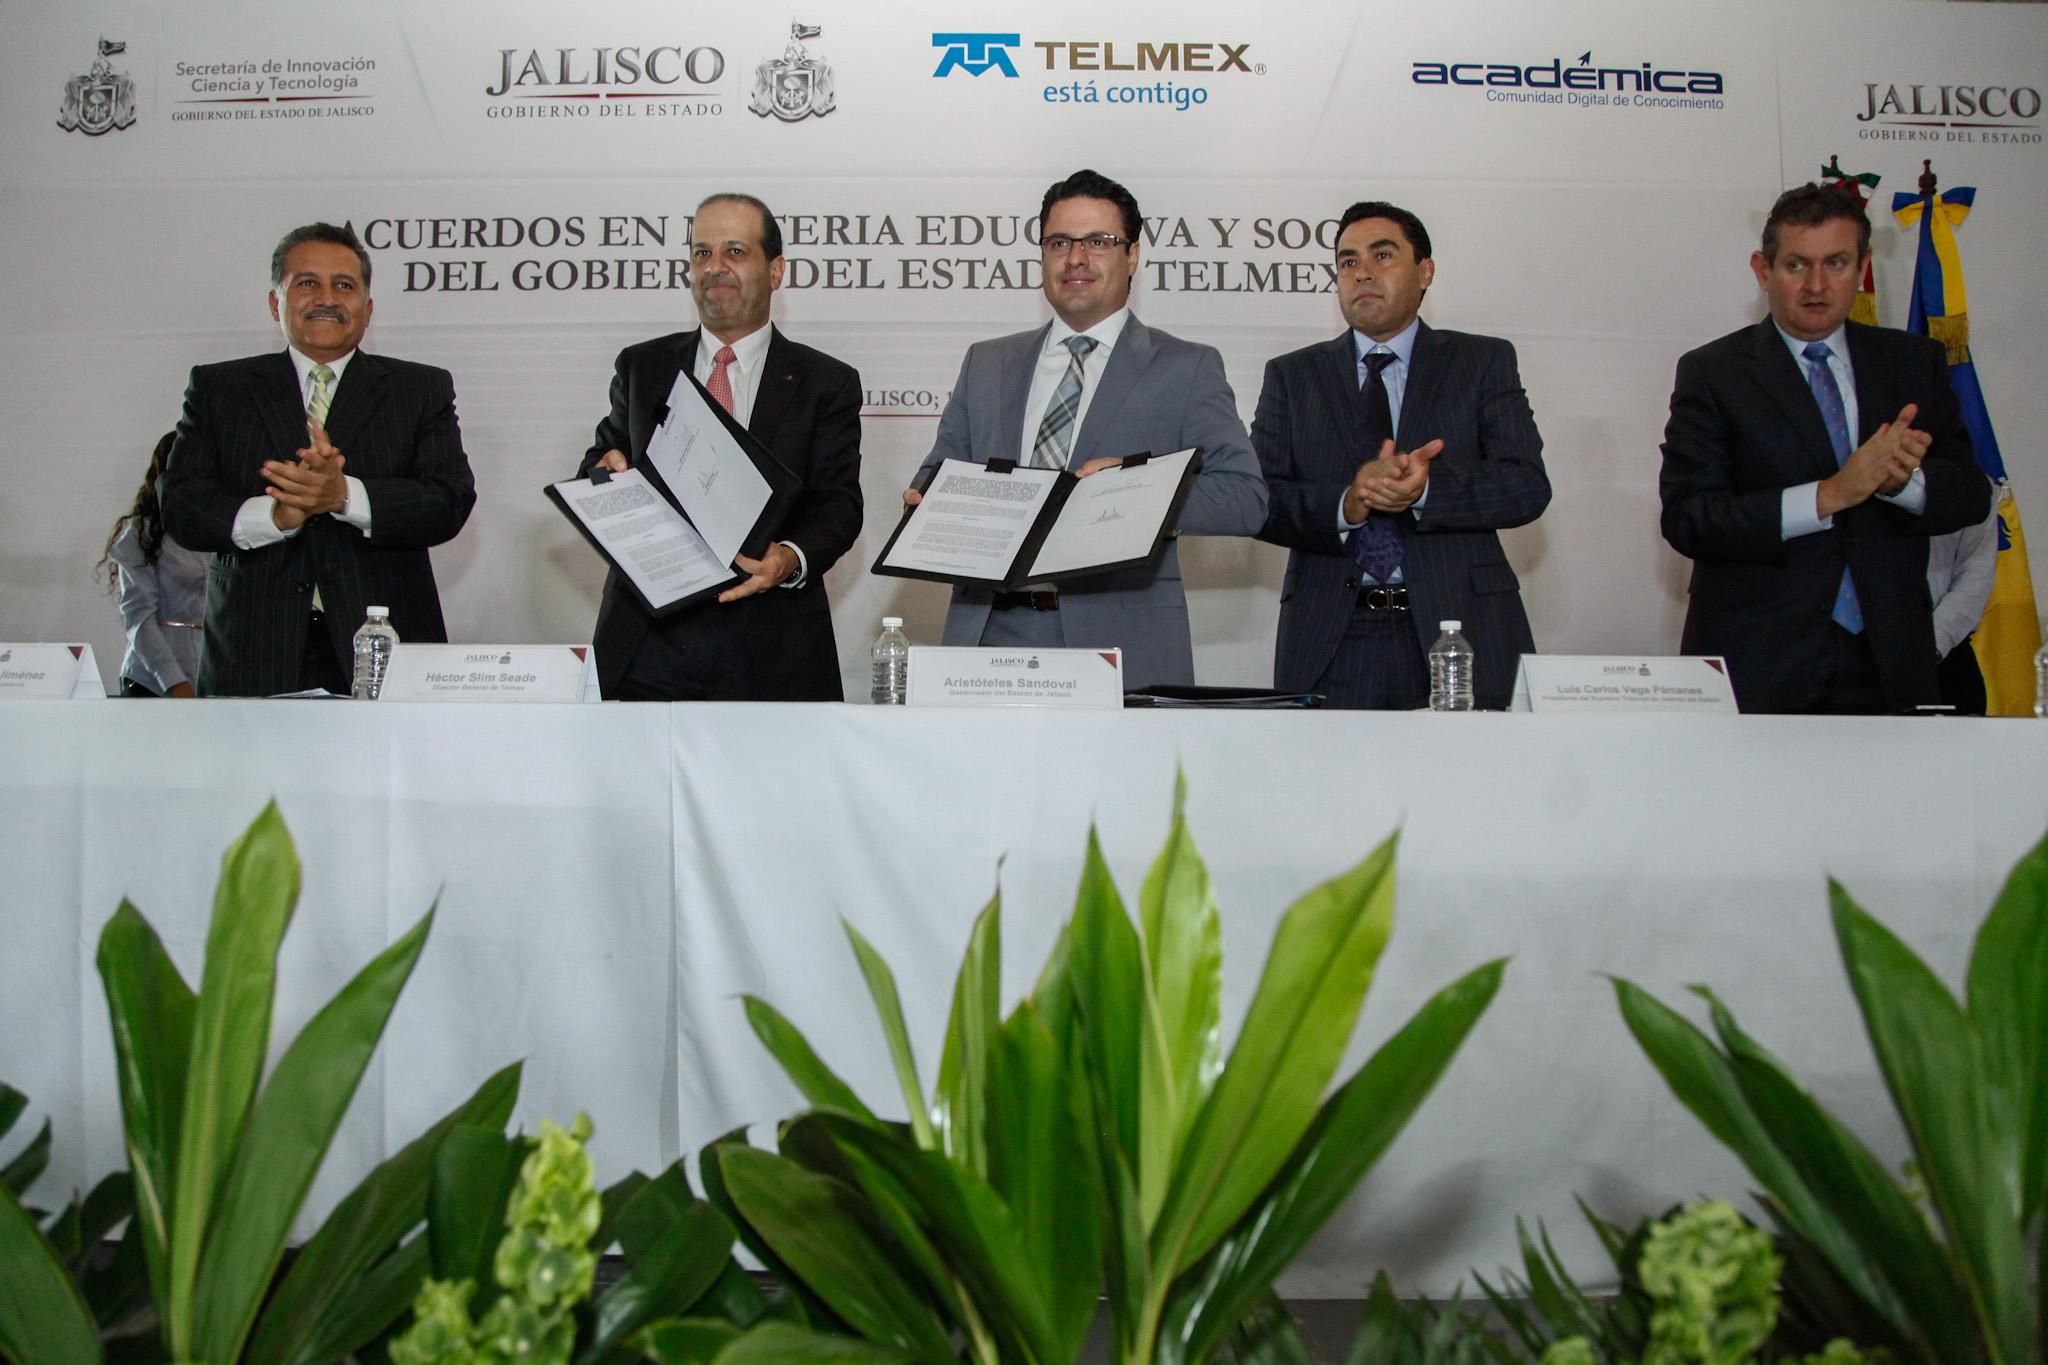 Reducir brecha digital, prioridad urgente en Jalisco: Gobernador